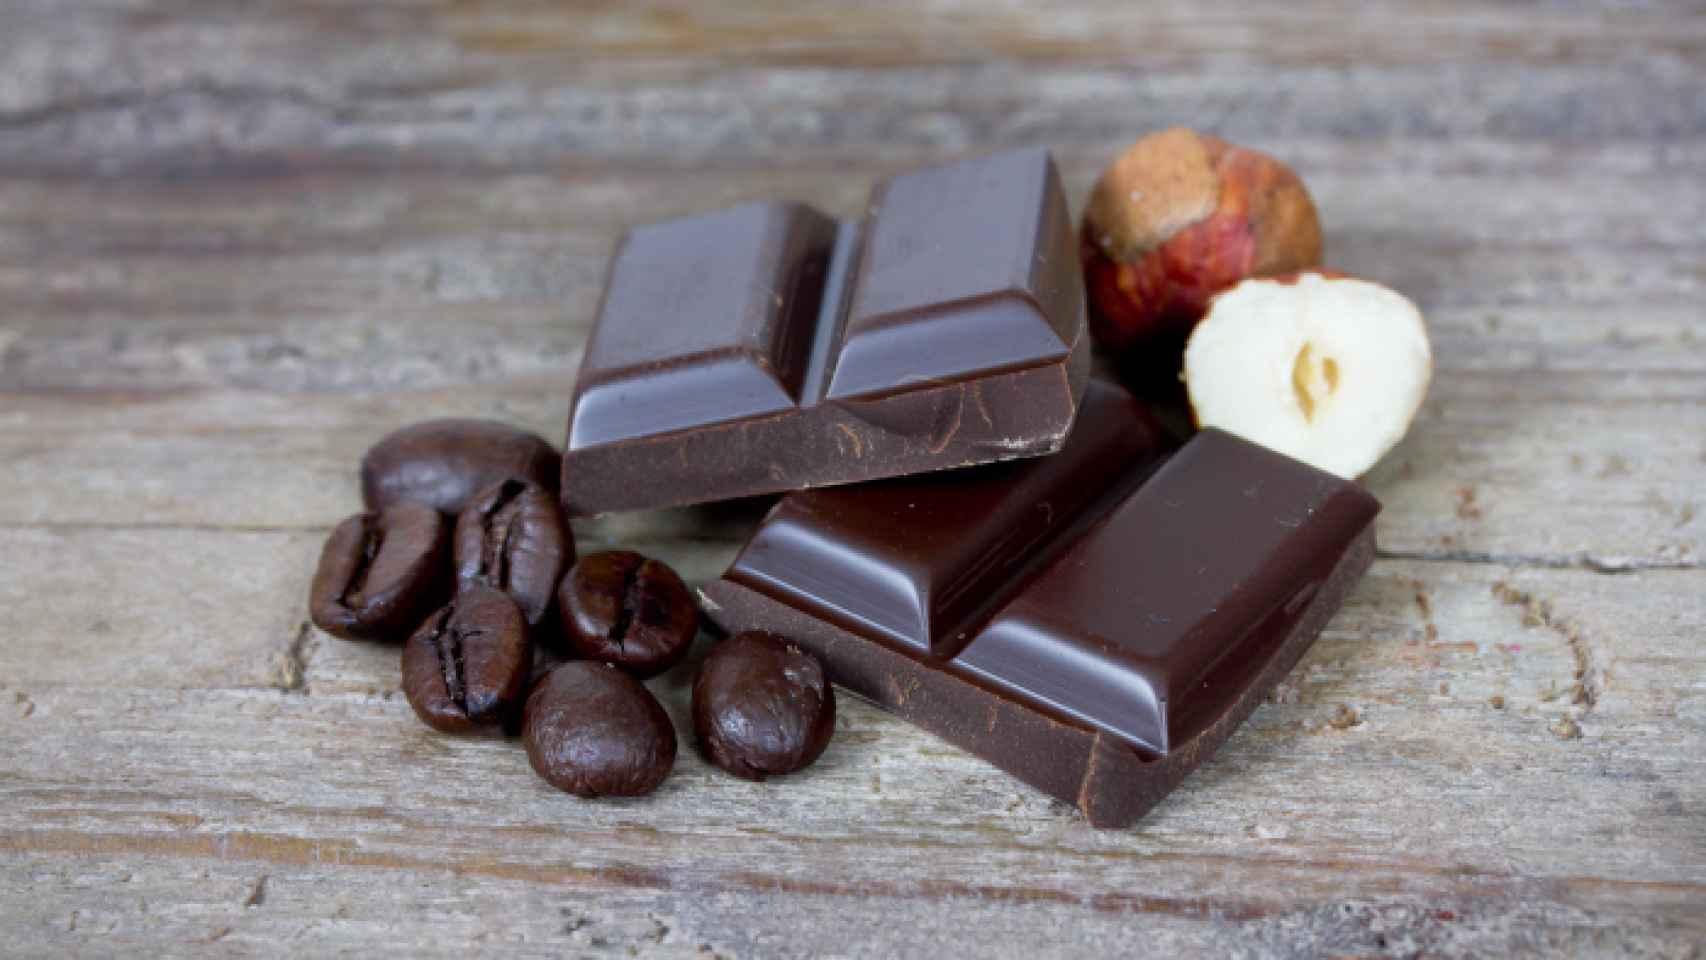 CHOCOLATE: además de su siempre apetecible sabor, el chocolate negro es uno de los mejores aliados de la belleza. En primer lugar, porque su consumo ayuda a mejorar nuestro estado de animo y eso, por lo tanto, se ve reflejado en nuestra piel. Y en segundo lugar, porque se trata de una gran fuente de antioxidantes que ayuda a luchar contra el envejecimiento. Además es un gran regenerador celular y un relajante muscular por excelencia. ¿Cómo tomarlo? Siempre negro y en su porcentaje más puro.  Foto: GTRES.